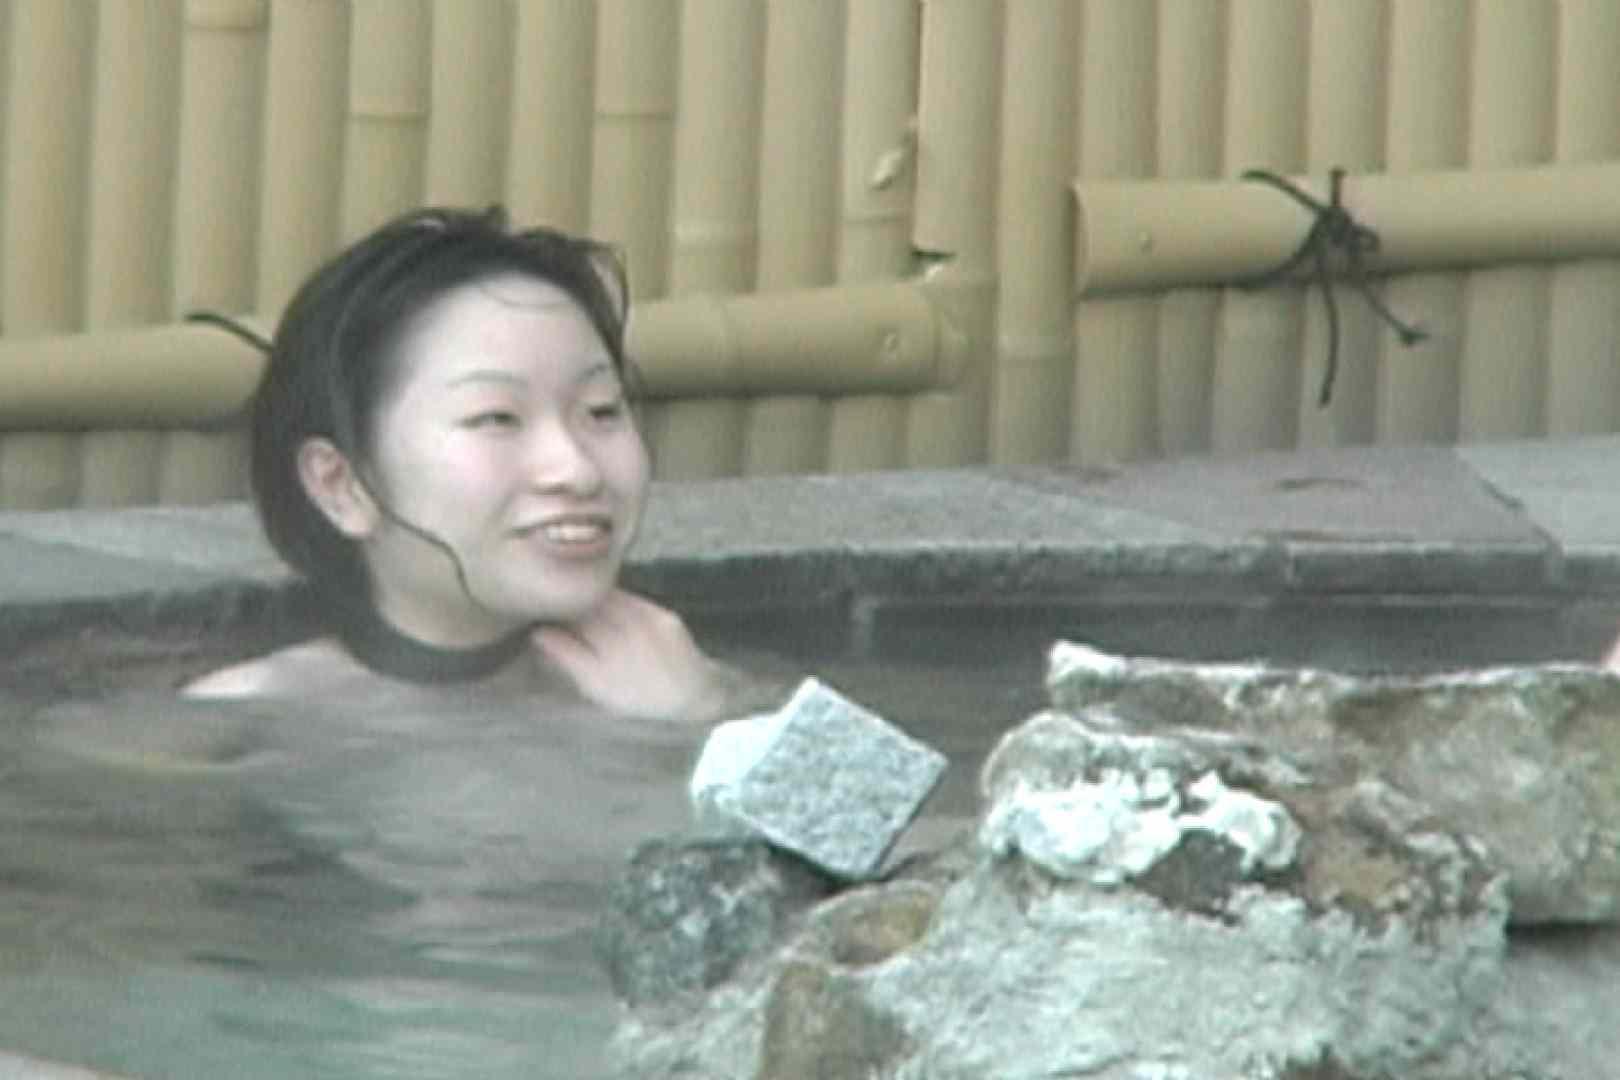 Aquaな露天風呂Vol.595 盗撮  89画像 78